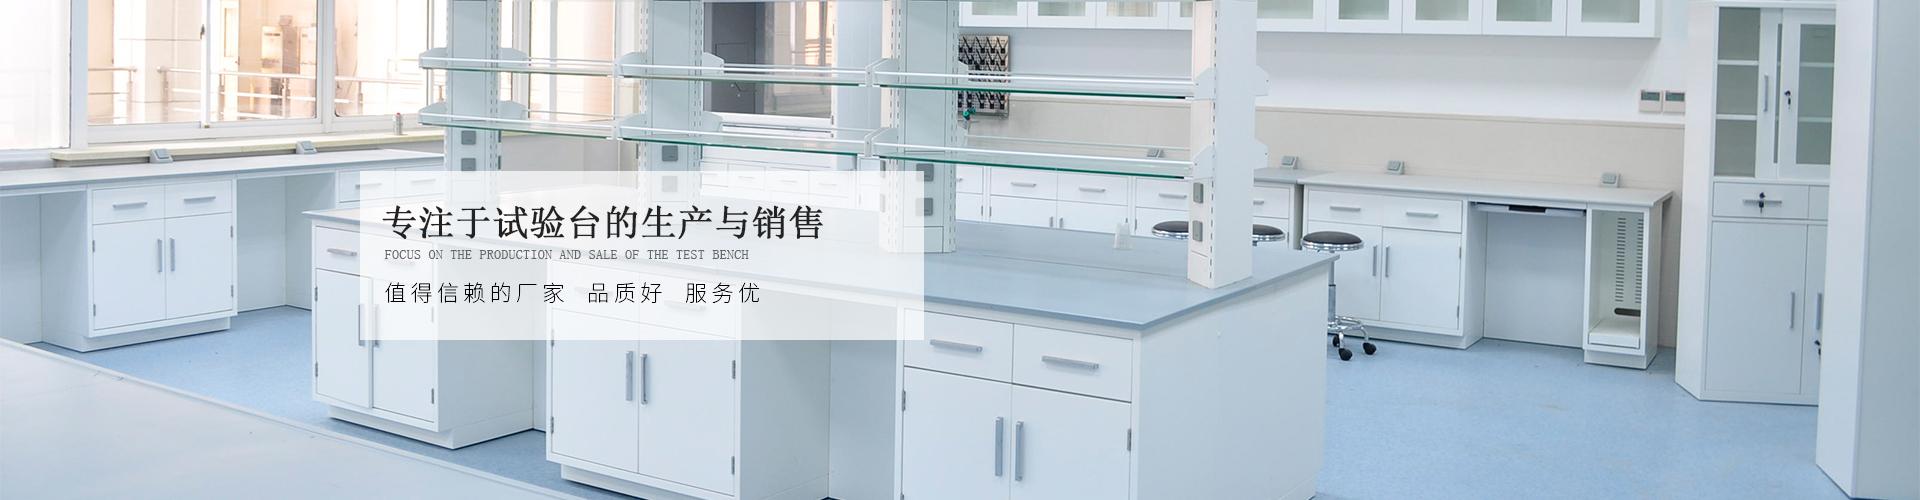 武汉实验台设计